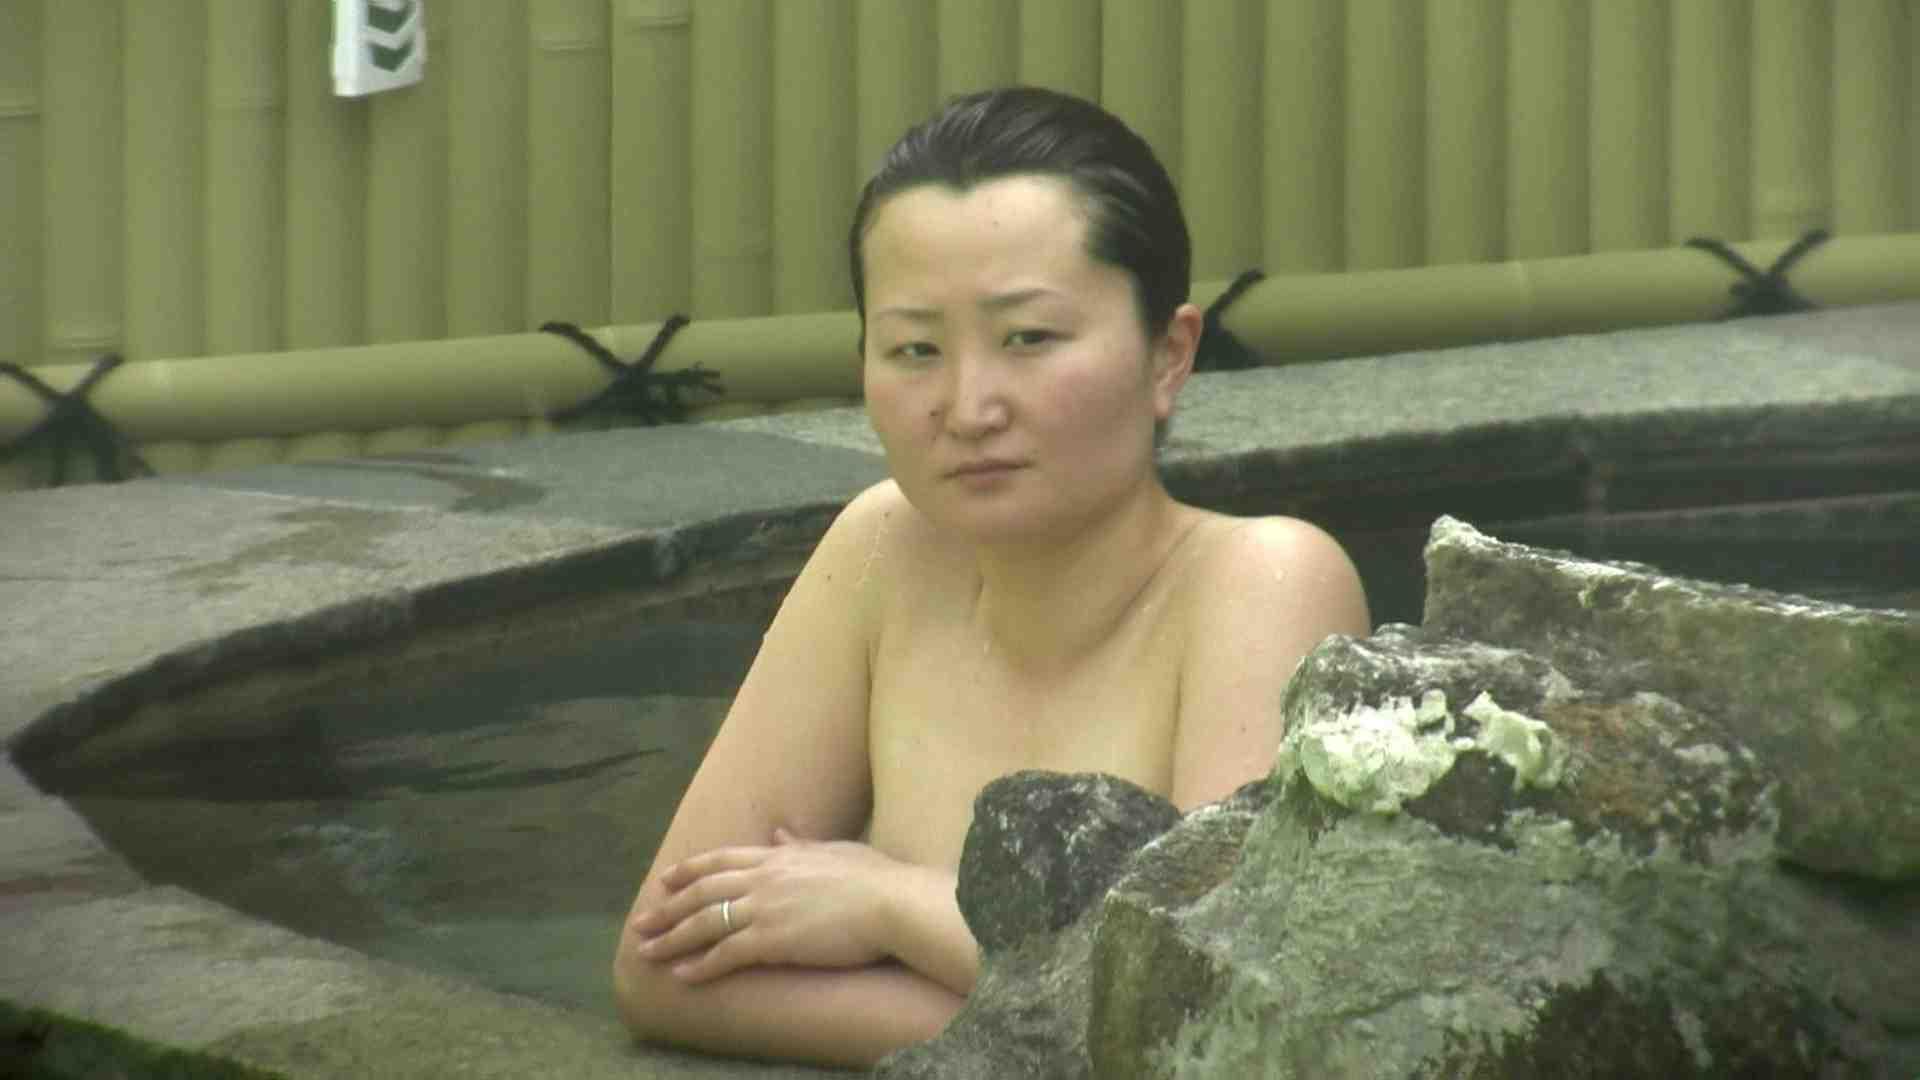 Aquaな露天風呂Vol.632 盗撮  41PICs 39